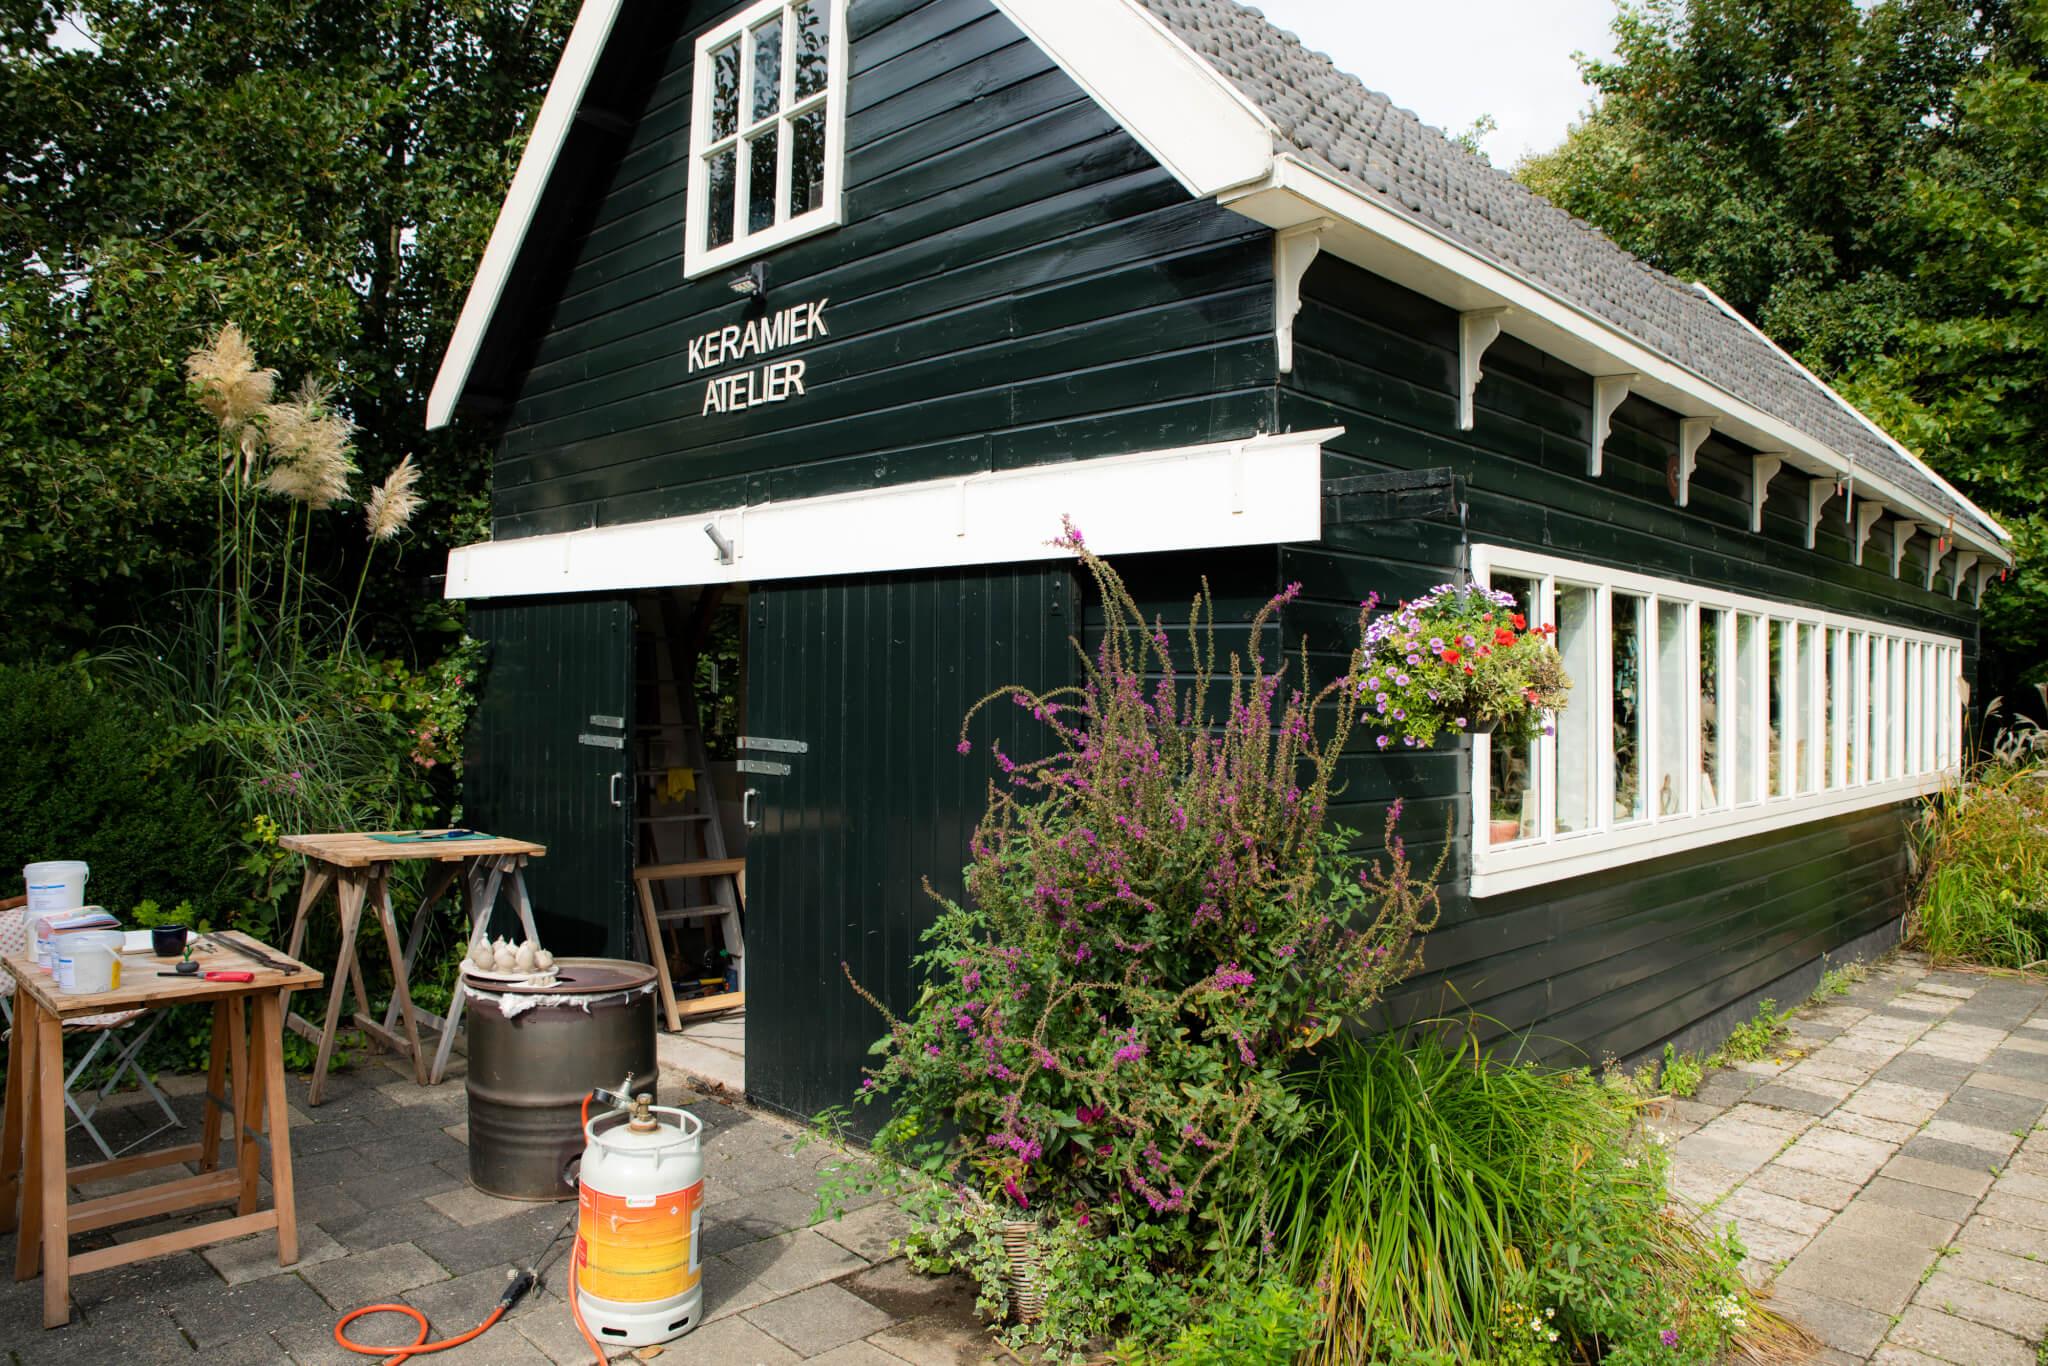 Kunst in Aalsmeer: 5x alteliers